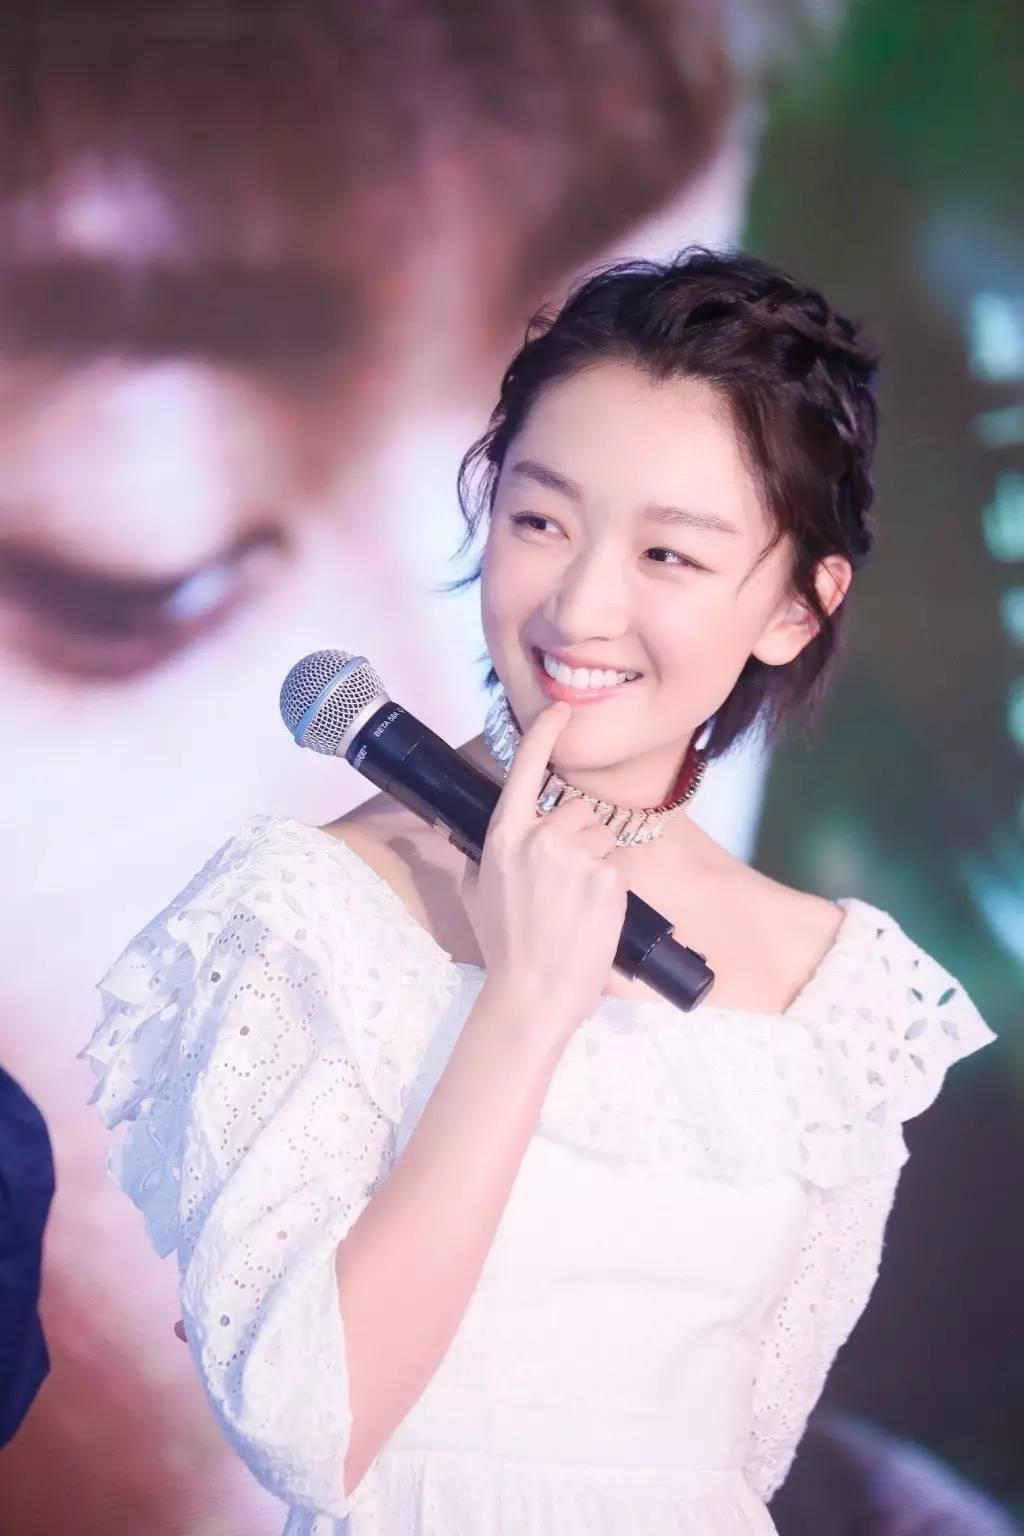 佟丽娅新发型惊艳众人,赵丽颖也一刀加入短发头发发色短发图片大全图片图片